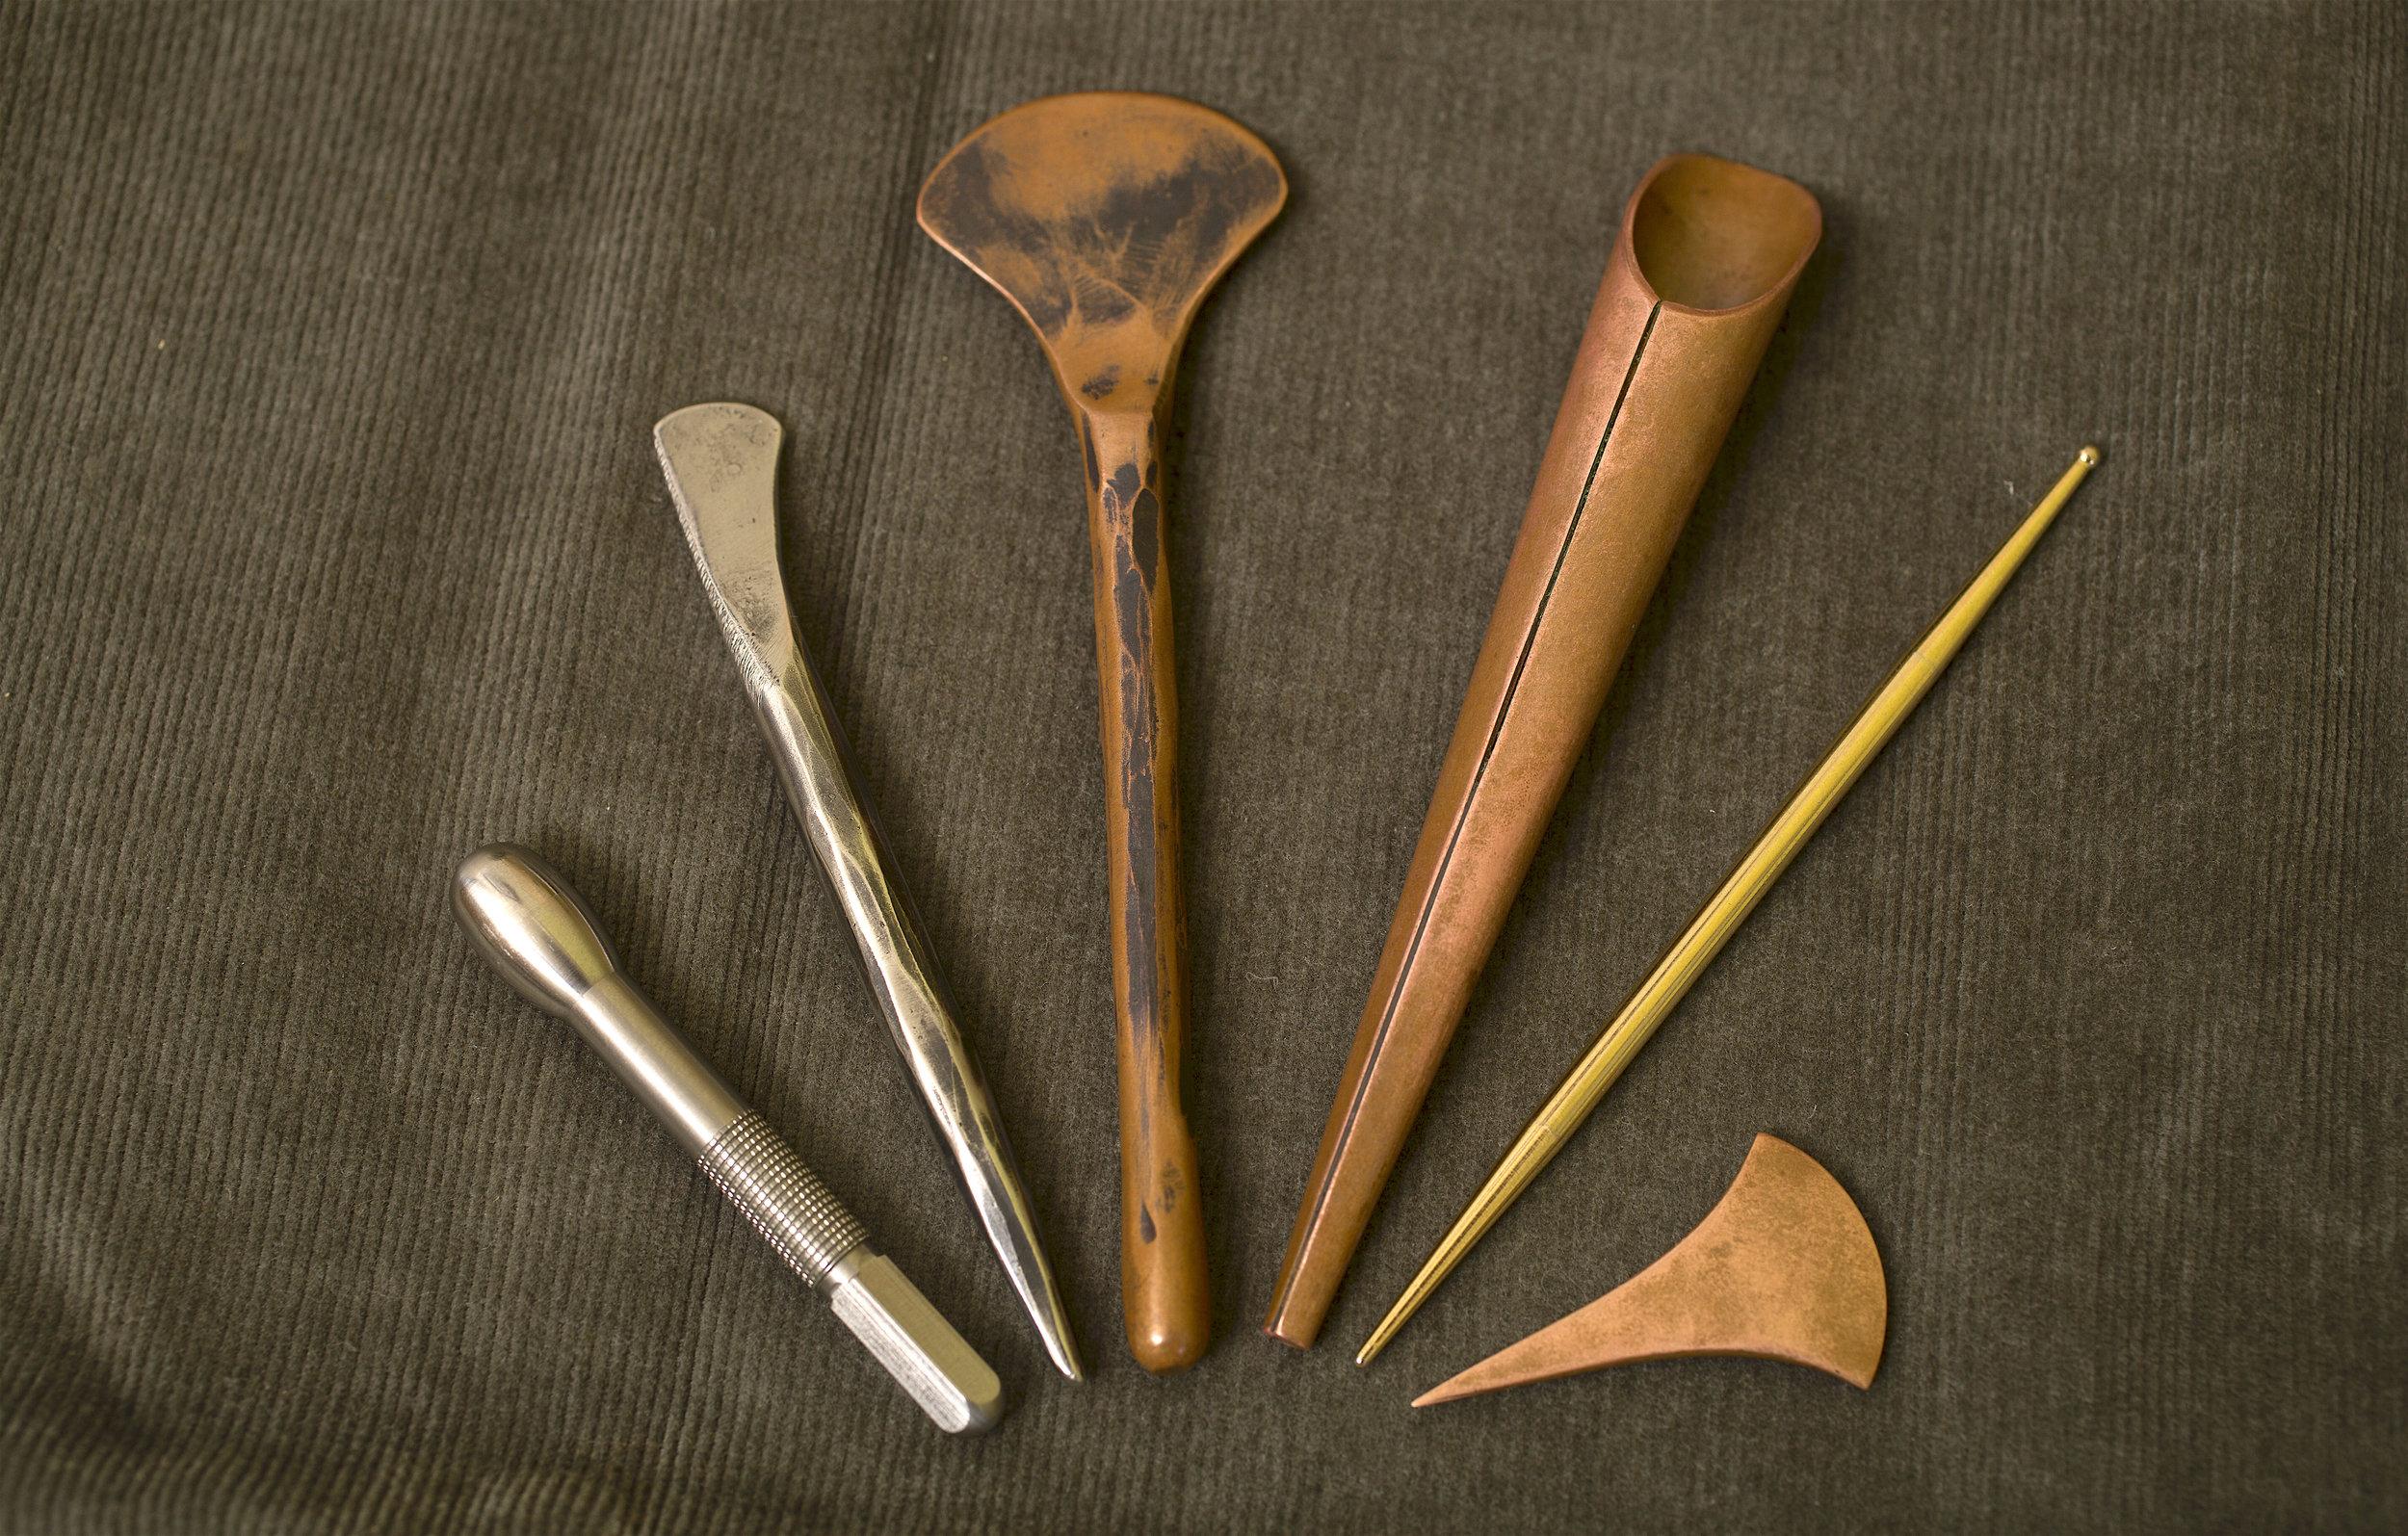 shonishin tools